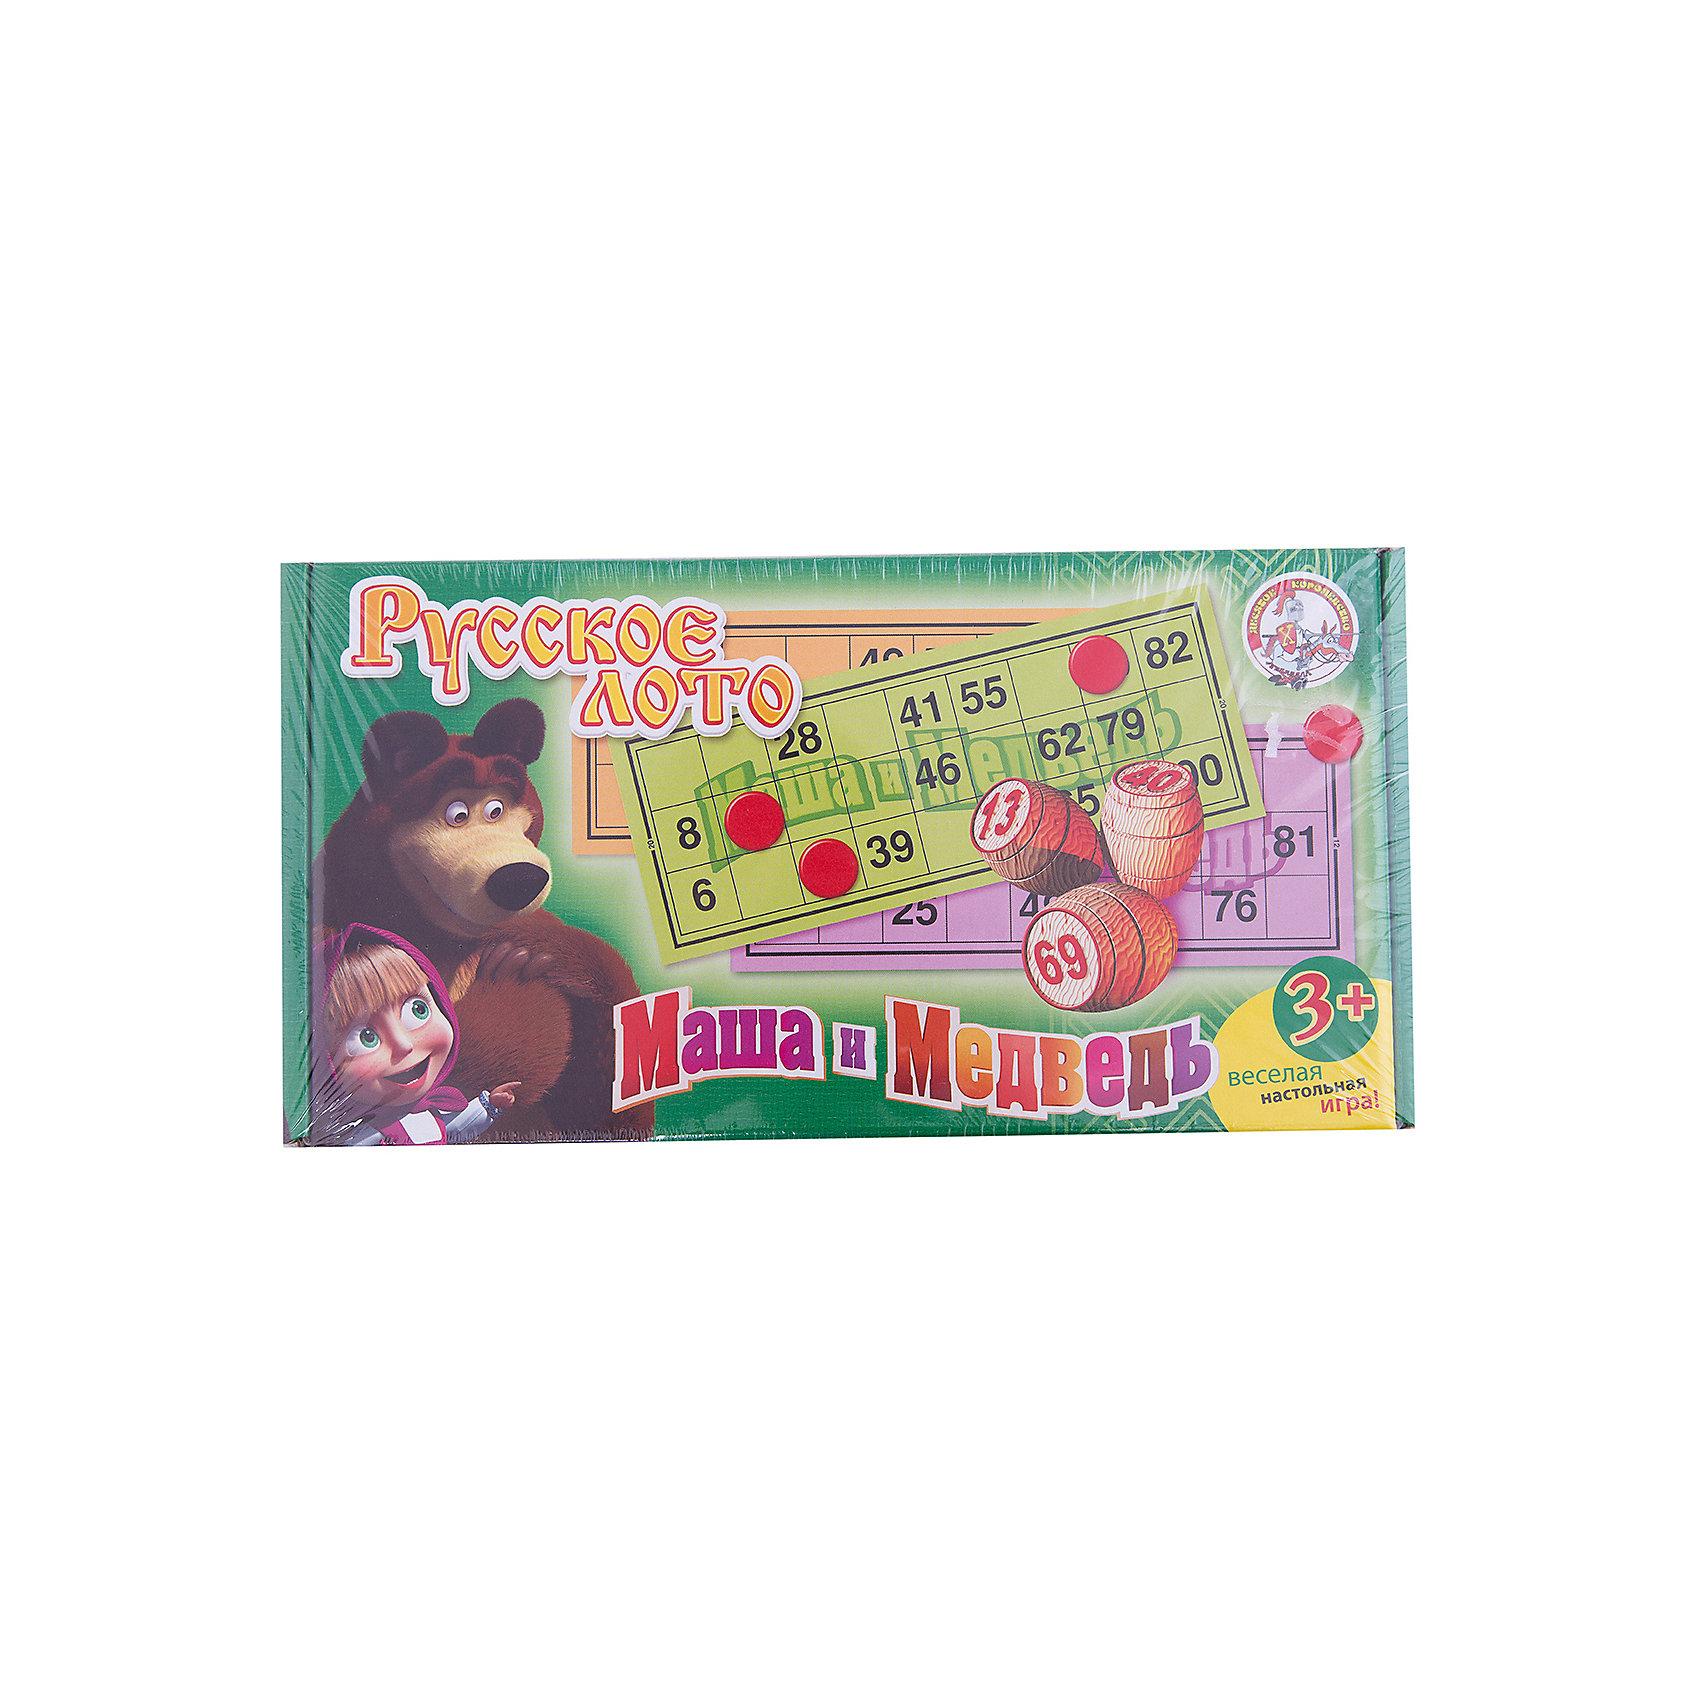 Лото деревянное, Маша и МедведьМаша и Медведь<br>Русское лото «Маша и медведь» представляет собой увлекательную деревянную игрушку, которая станет интересной не только детям, но и взрослым. <br>Цель игры: нужно как можно быстрее заполнить свои цветные карточки. <br><br>Дополнительная информация:<br><br>В игровой набор входит всё необходимое, начиная от комплекта карточек в количестве 24 штуки и заканчивая деревянными бочонками с номерами (90 штук) и мешком, а также пластмассовые жетоны (100 шт). <br><br>Великолепный способ провести вечер в семейном или дружеском кругу.<br><br>Ширина мм: 305<br>Глубина мм: 155<br>Высота мм: 60<br>Вес г: 910<br>Возраст от месяцев: 36<br>Возраст до месяцев: 1188<br>Пол: Унисекс<br>Возраст: Детский<br>SKU: 2513120